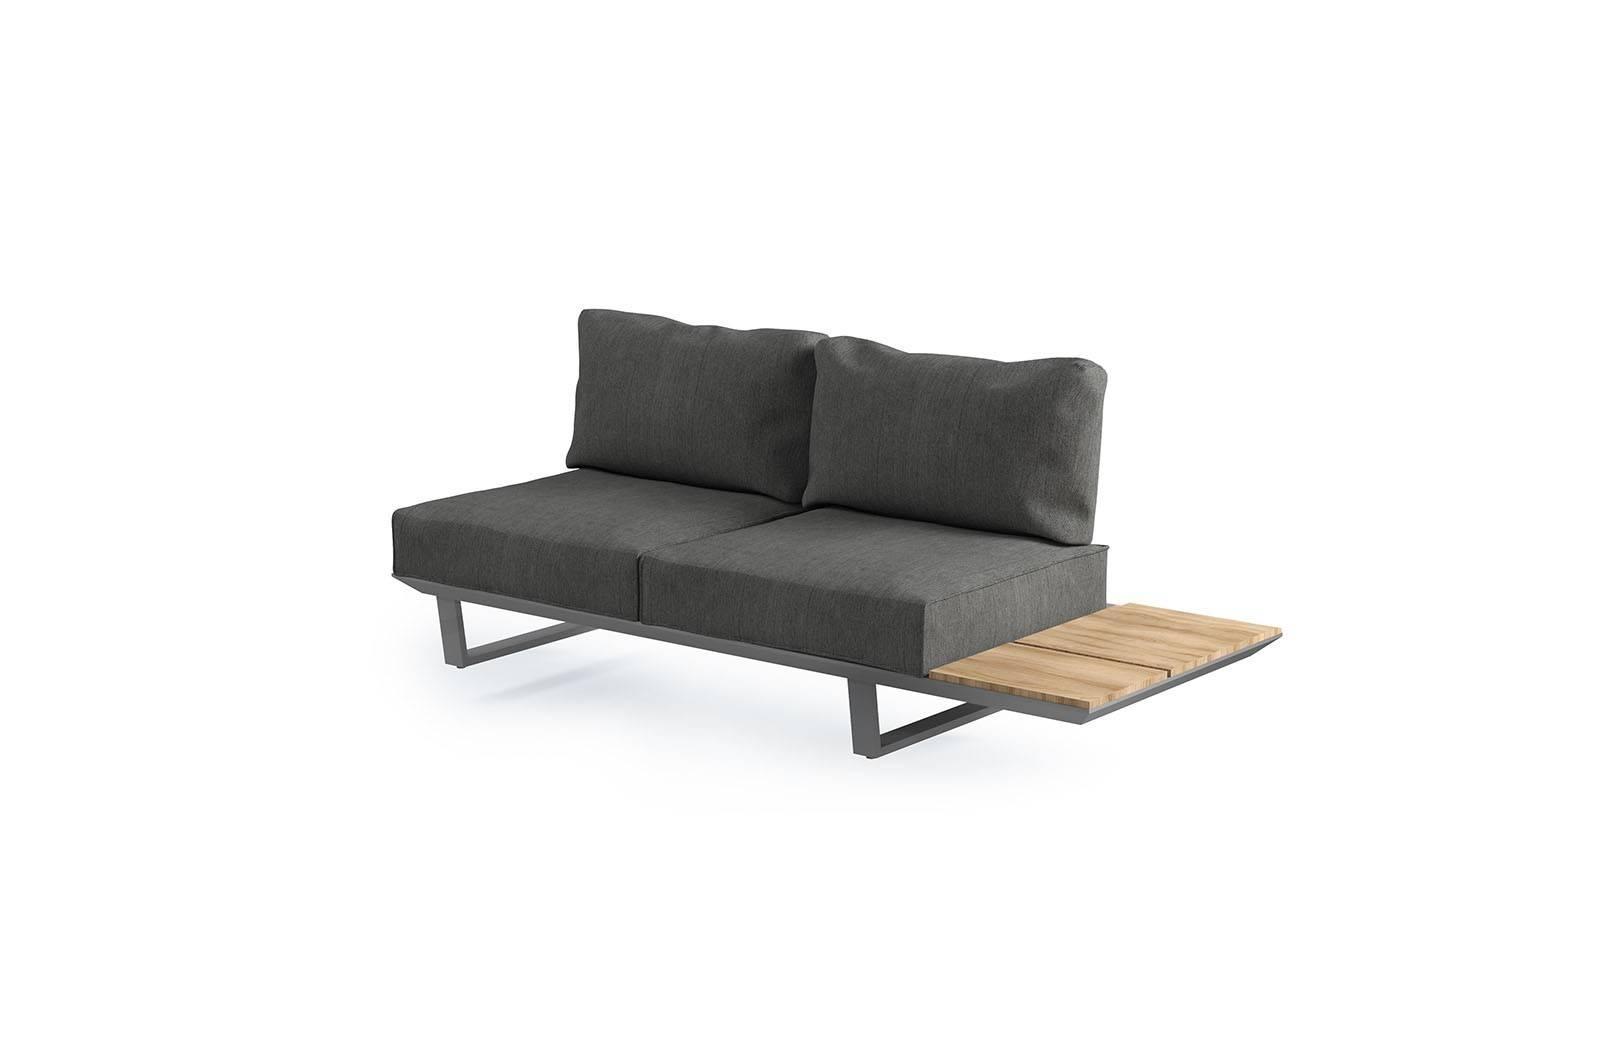 Záhradná hliníková sedacia súprava CORIA I grey